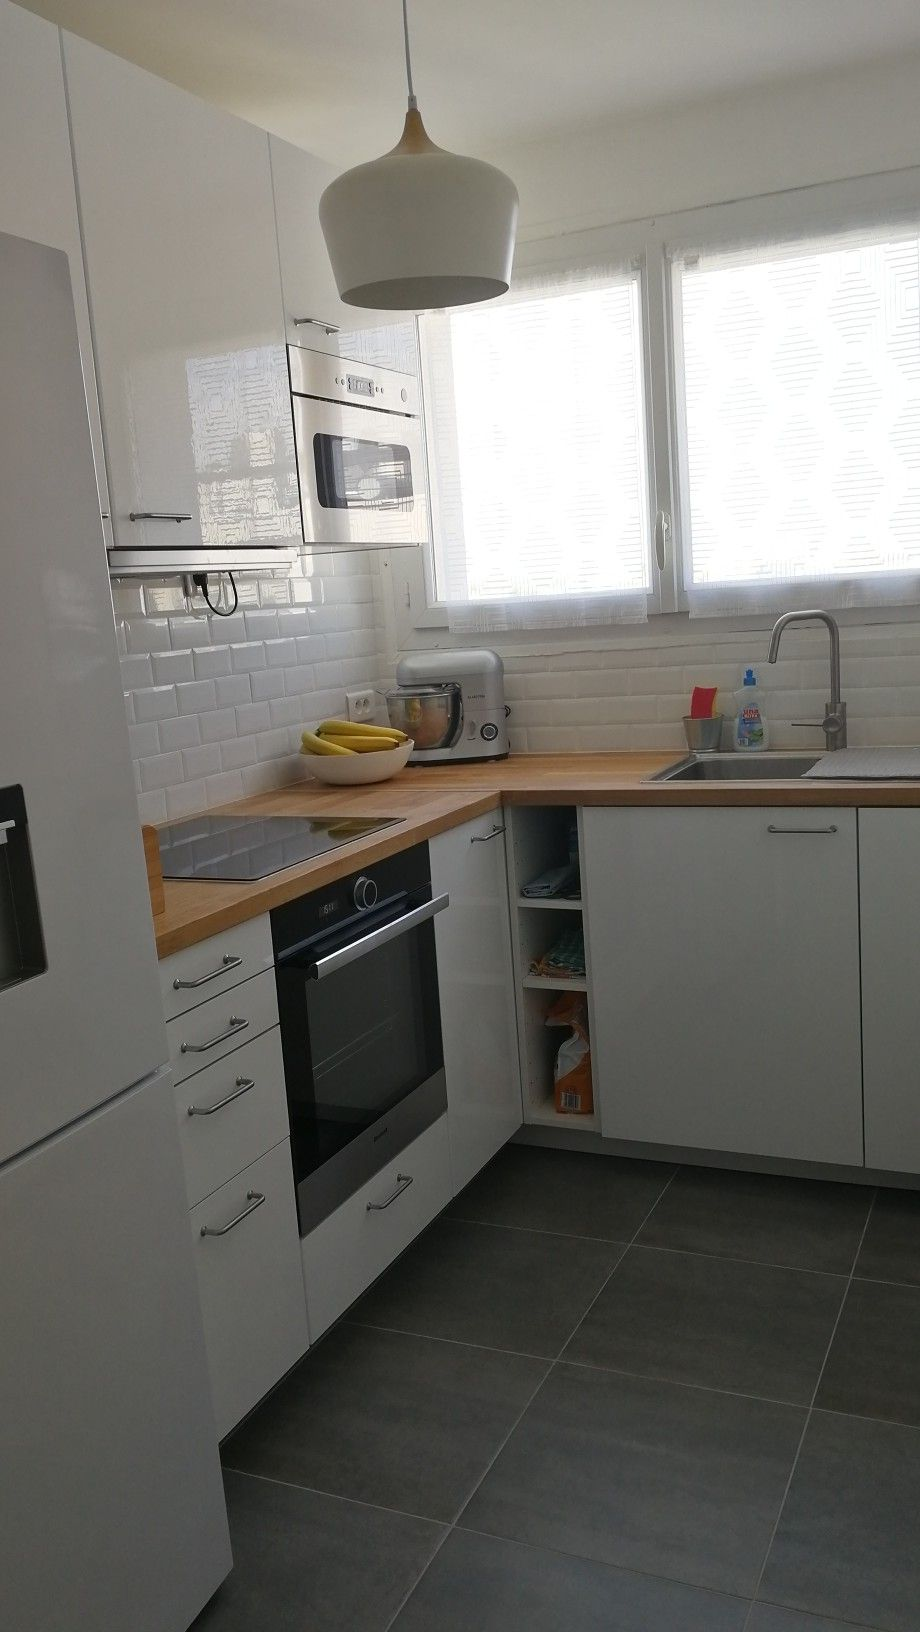 Cuisine blanche bois ikea en l carrelage au sol gris et cr dence m tro blanc interiors en - Cuisine ikea blanche et bois ...